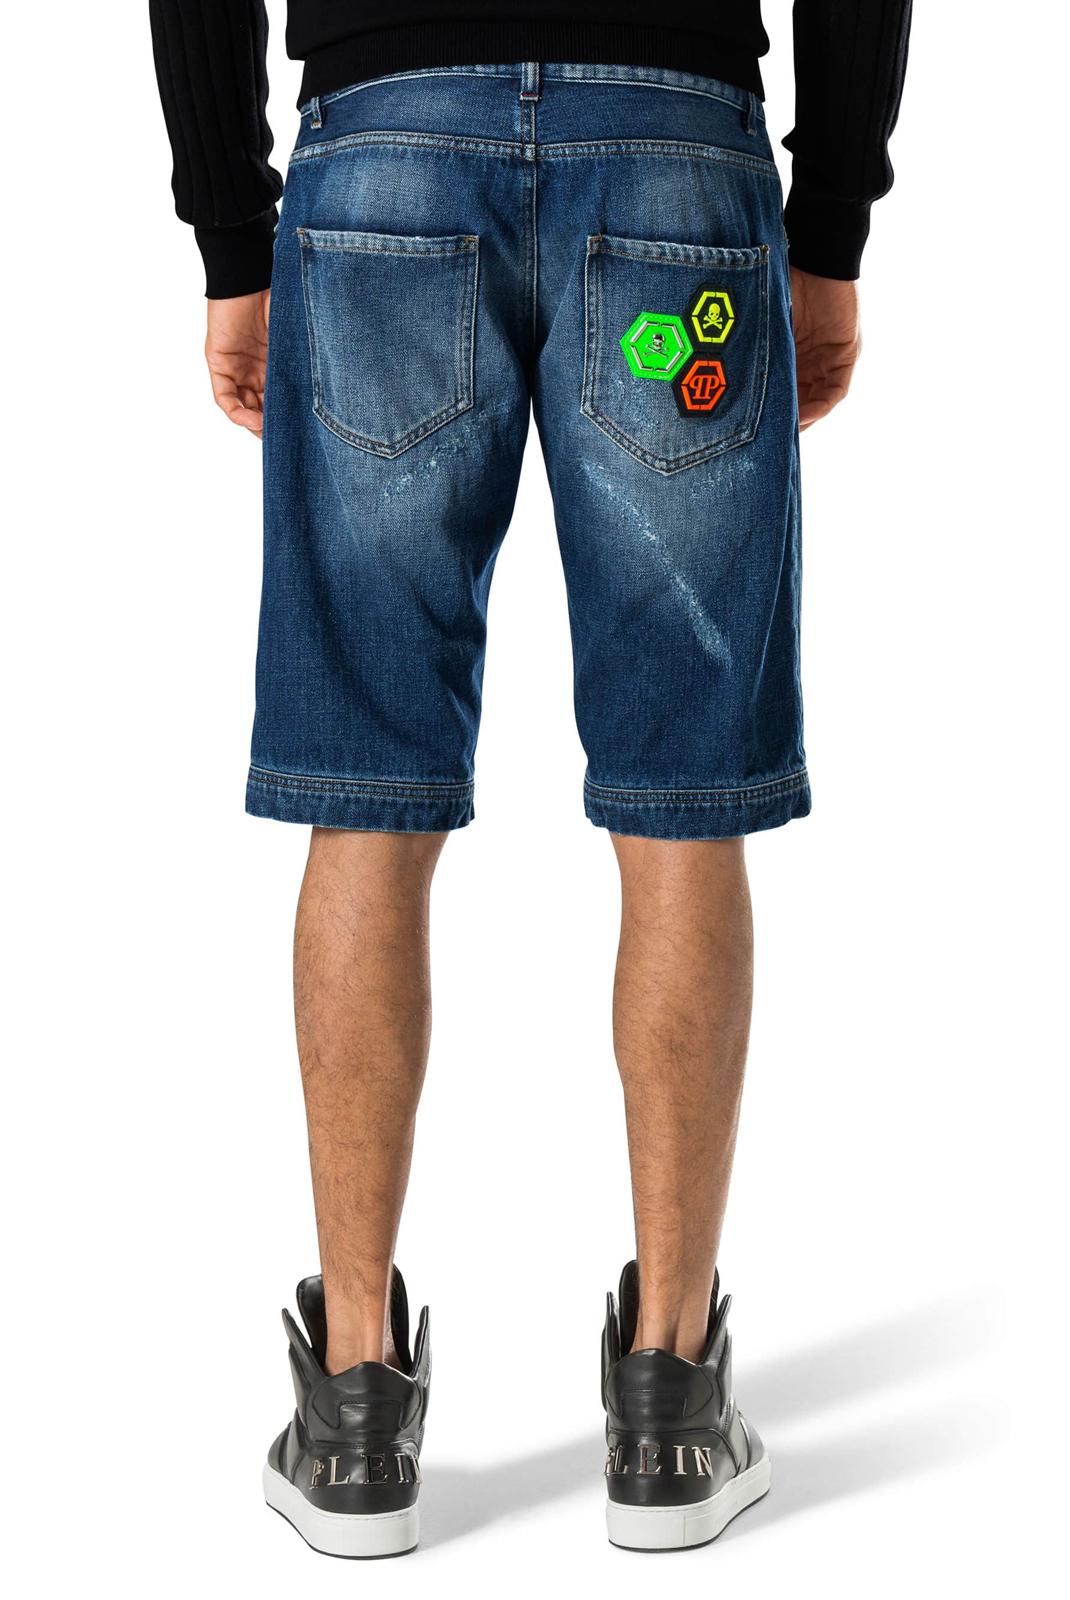 Shorts & Bermudas  Philipp plein MDT0691 SNAPDRAGON